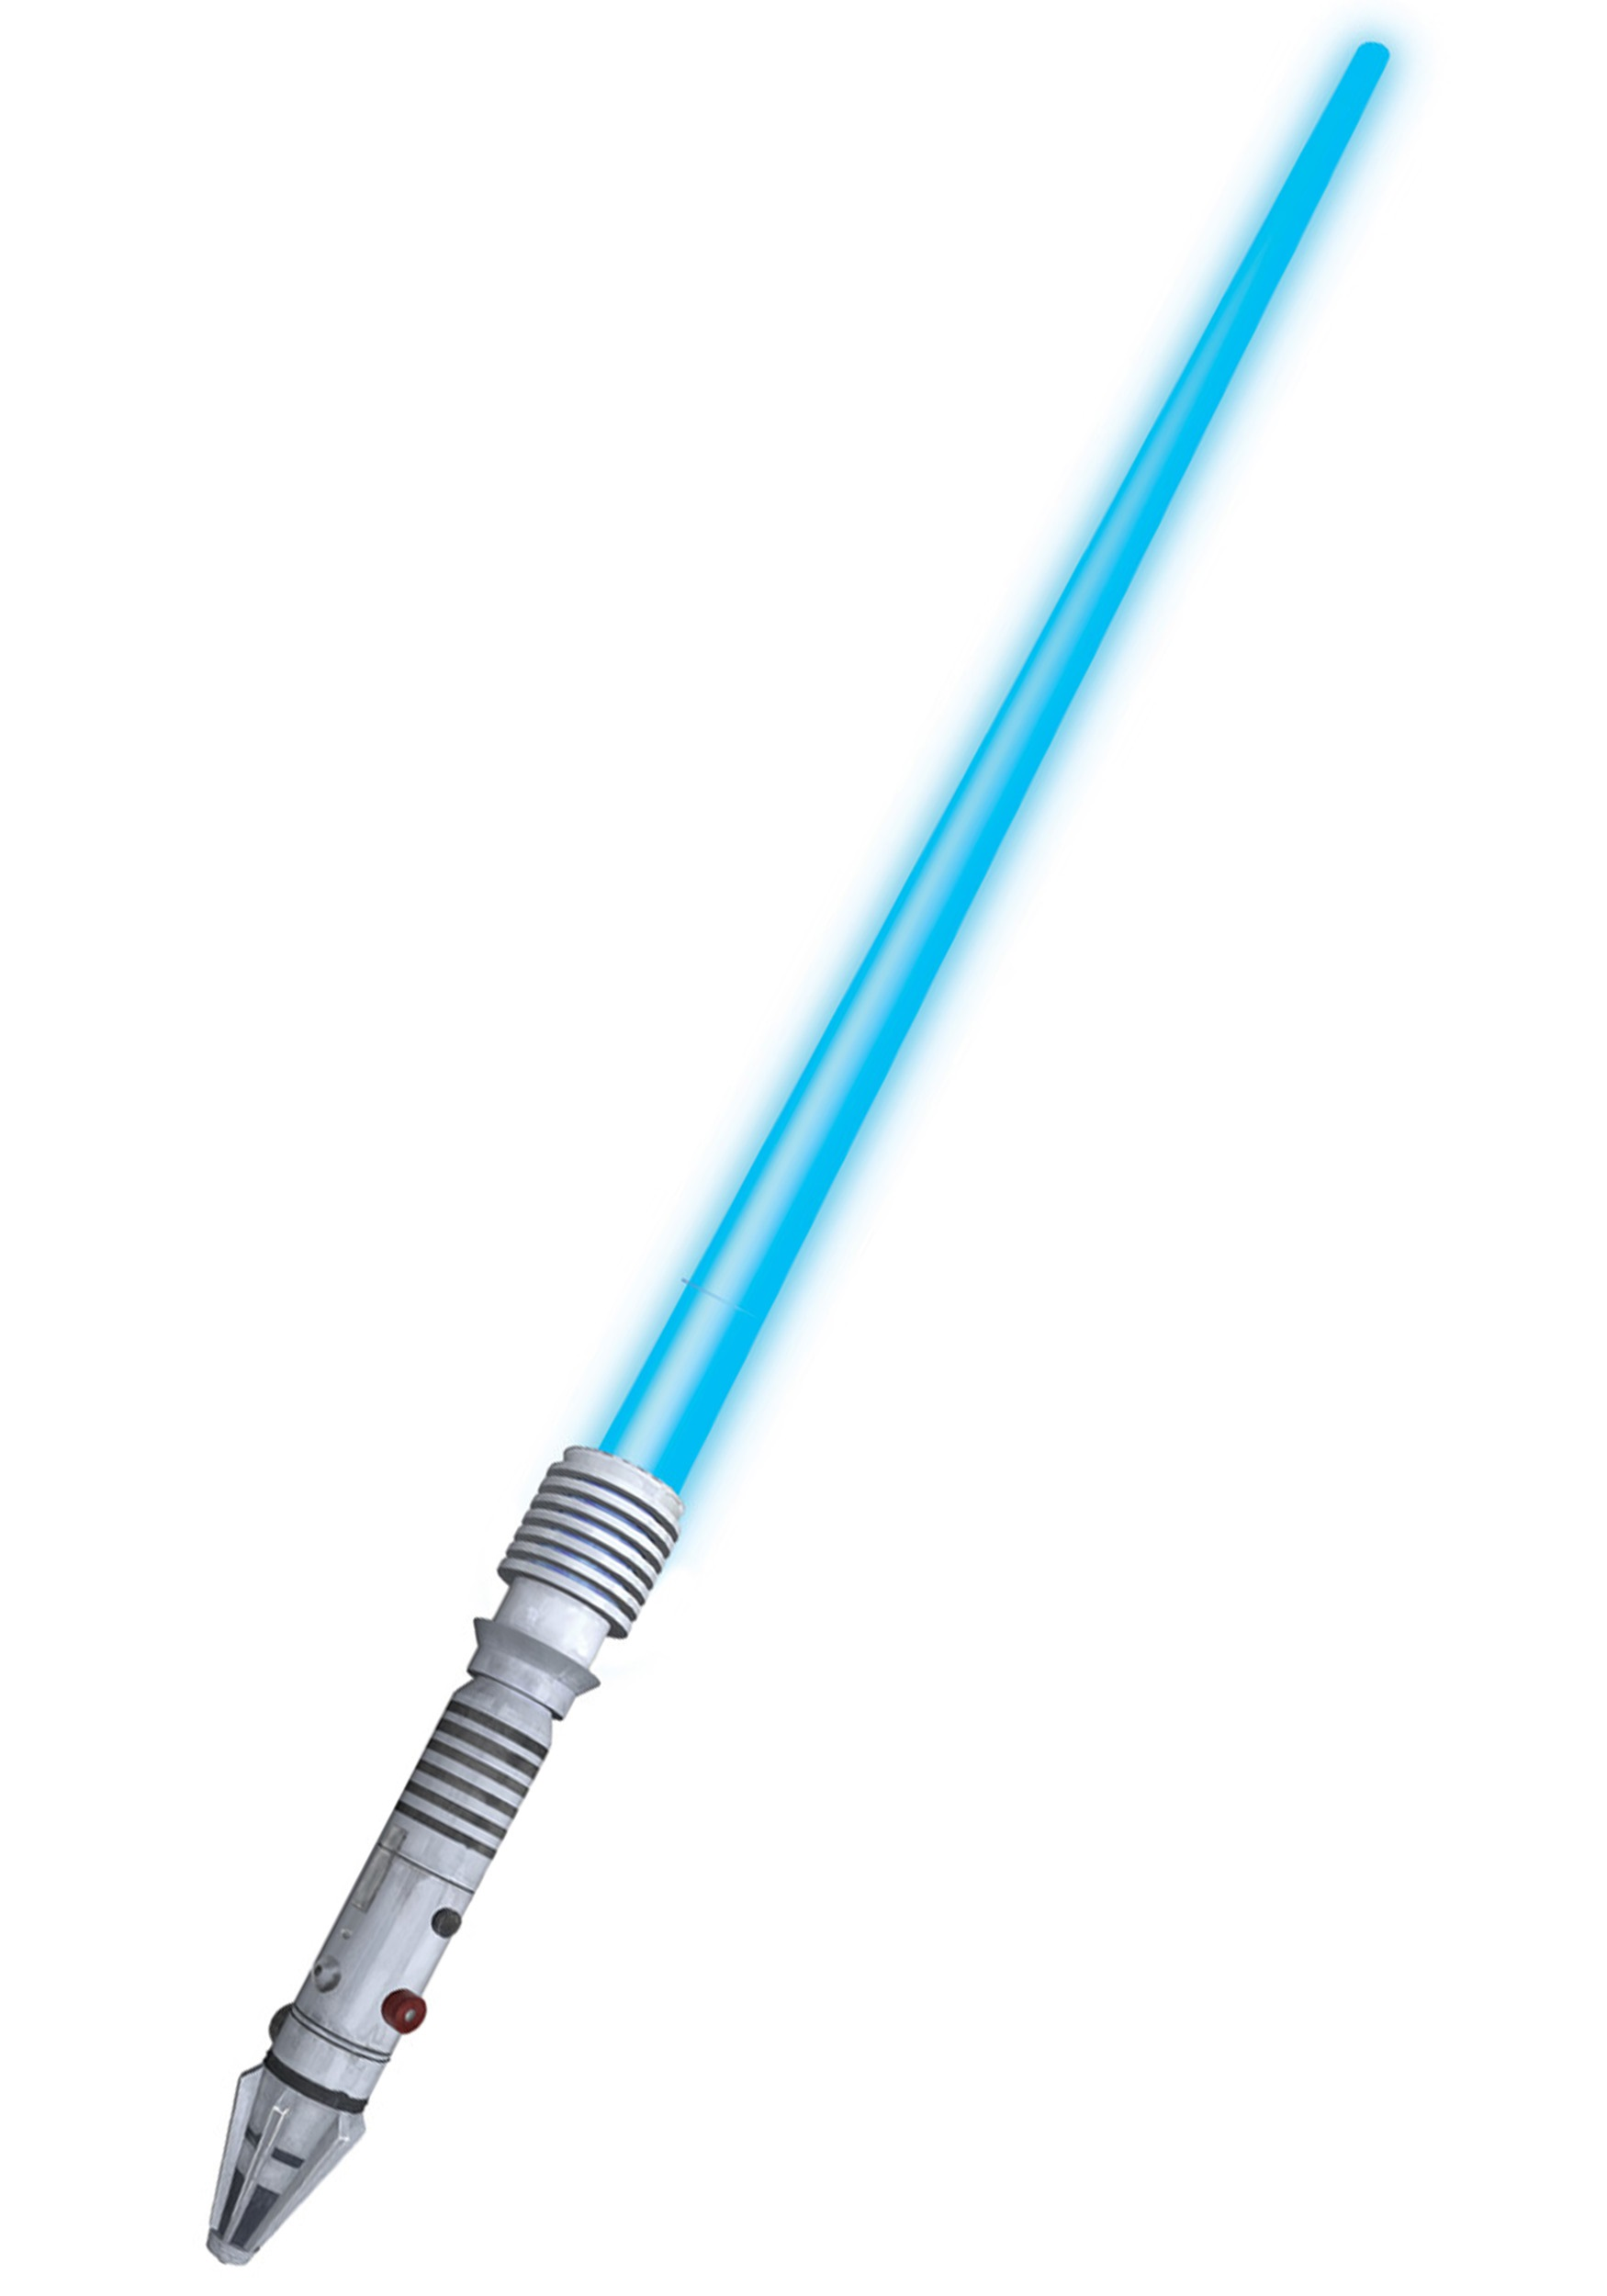 Plo Koon Lightsaber - Jedi Master Light Saber